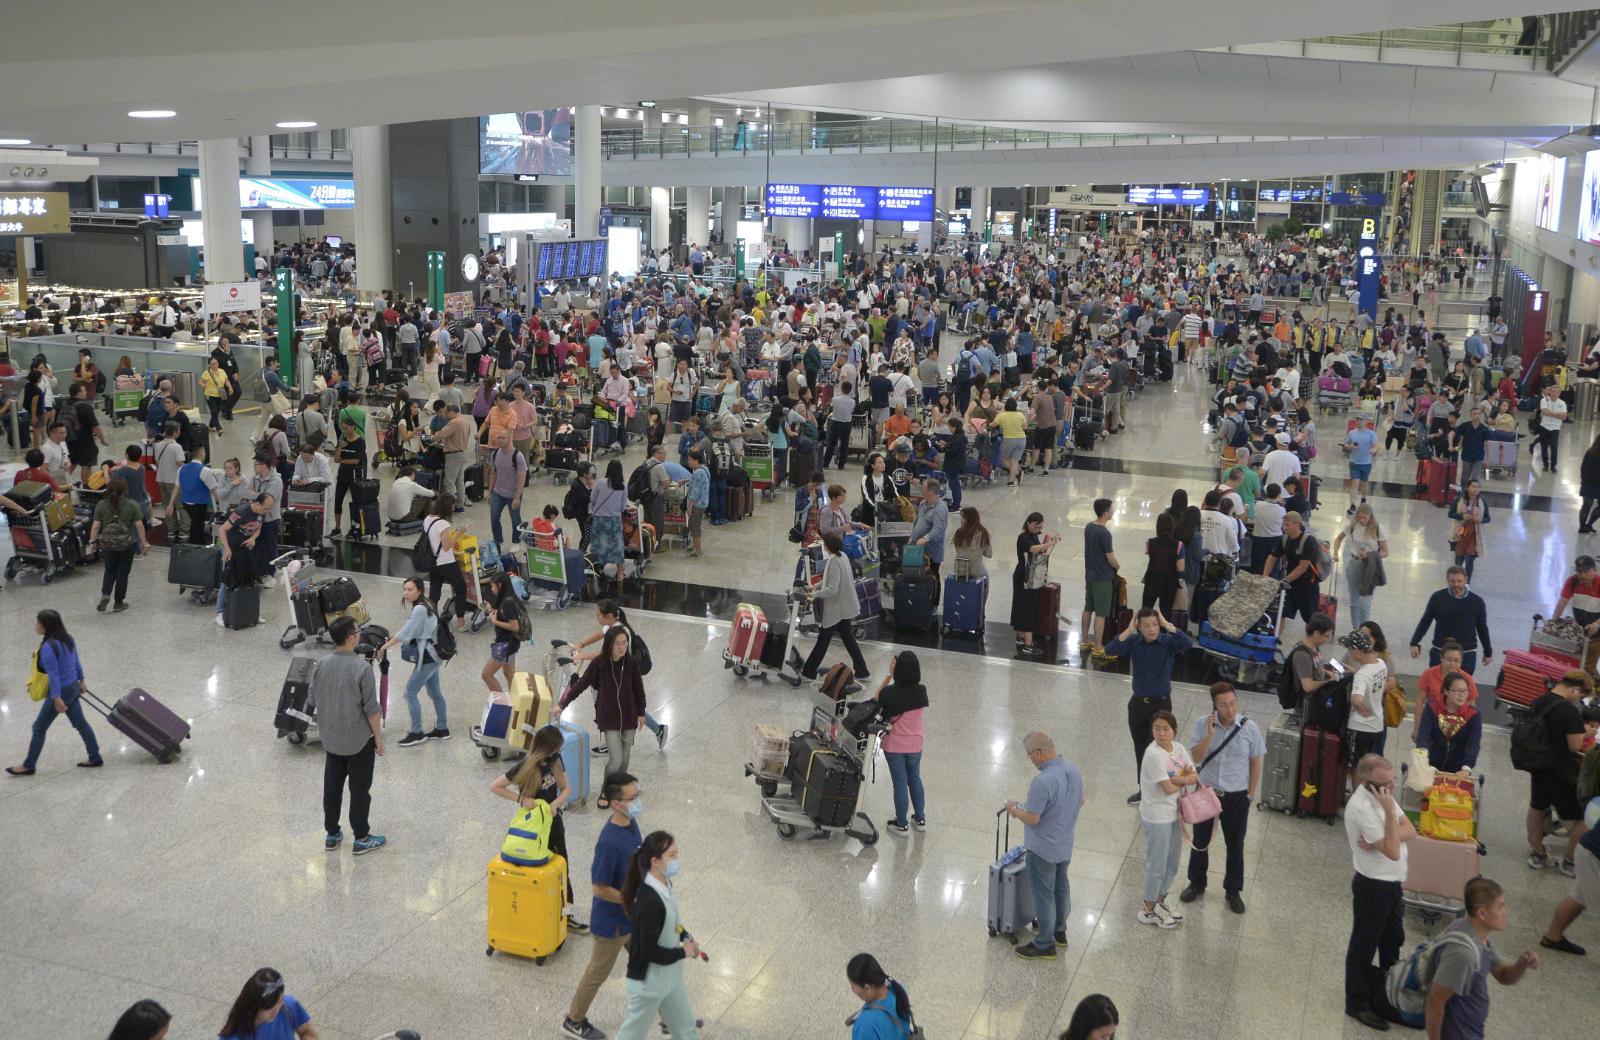 明日再有網民發起癱瘓機場。資料圖片